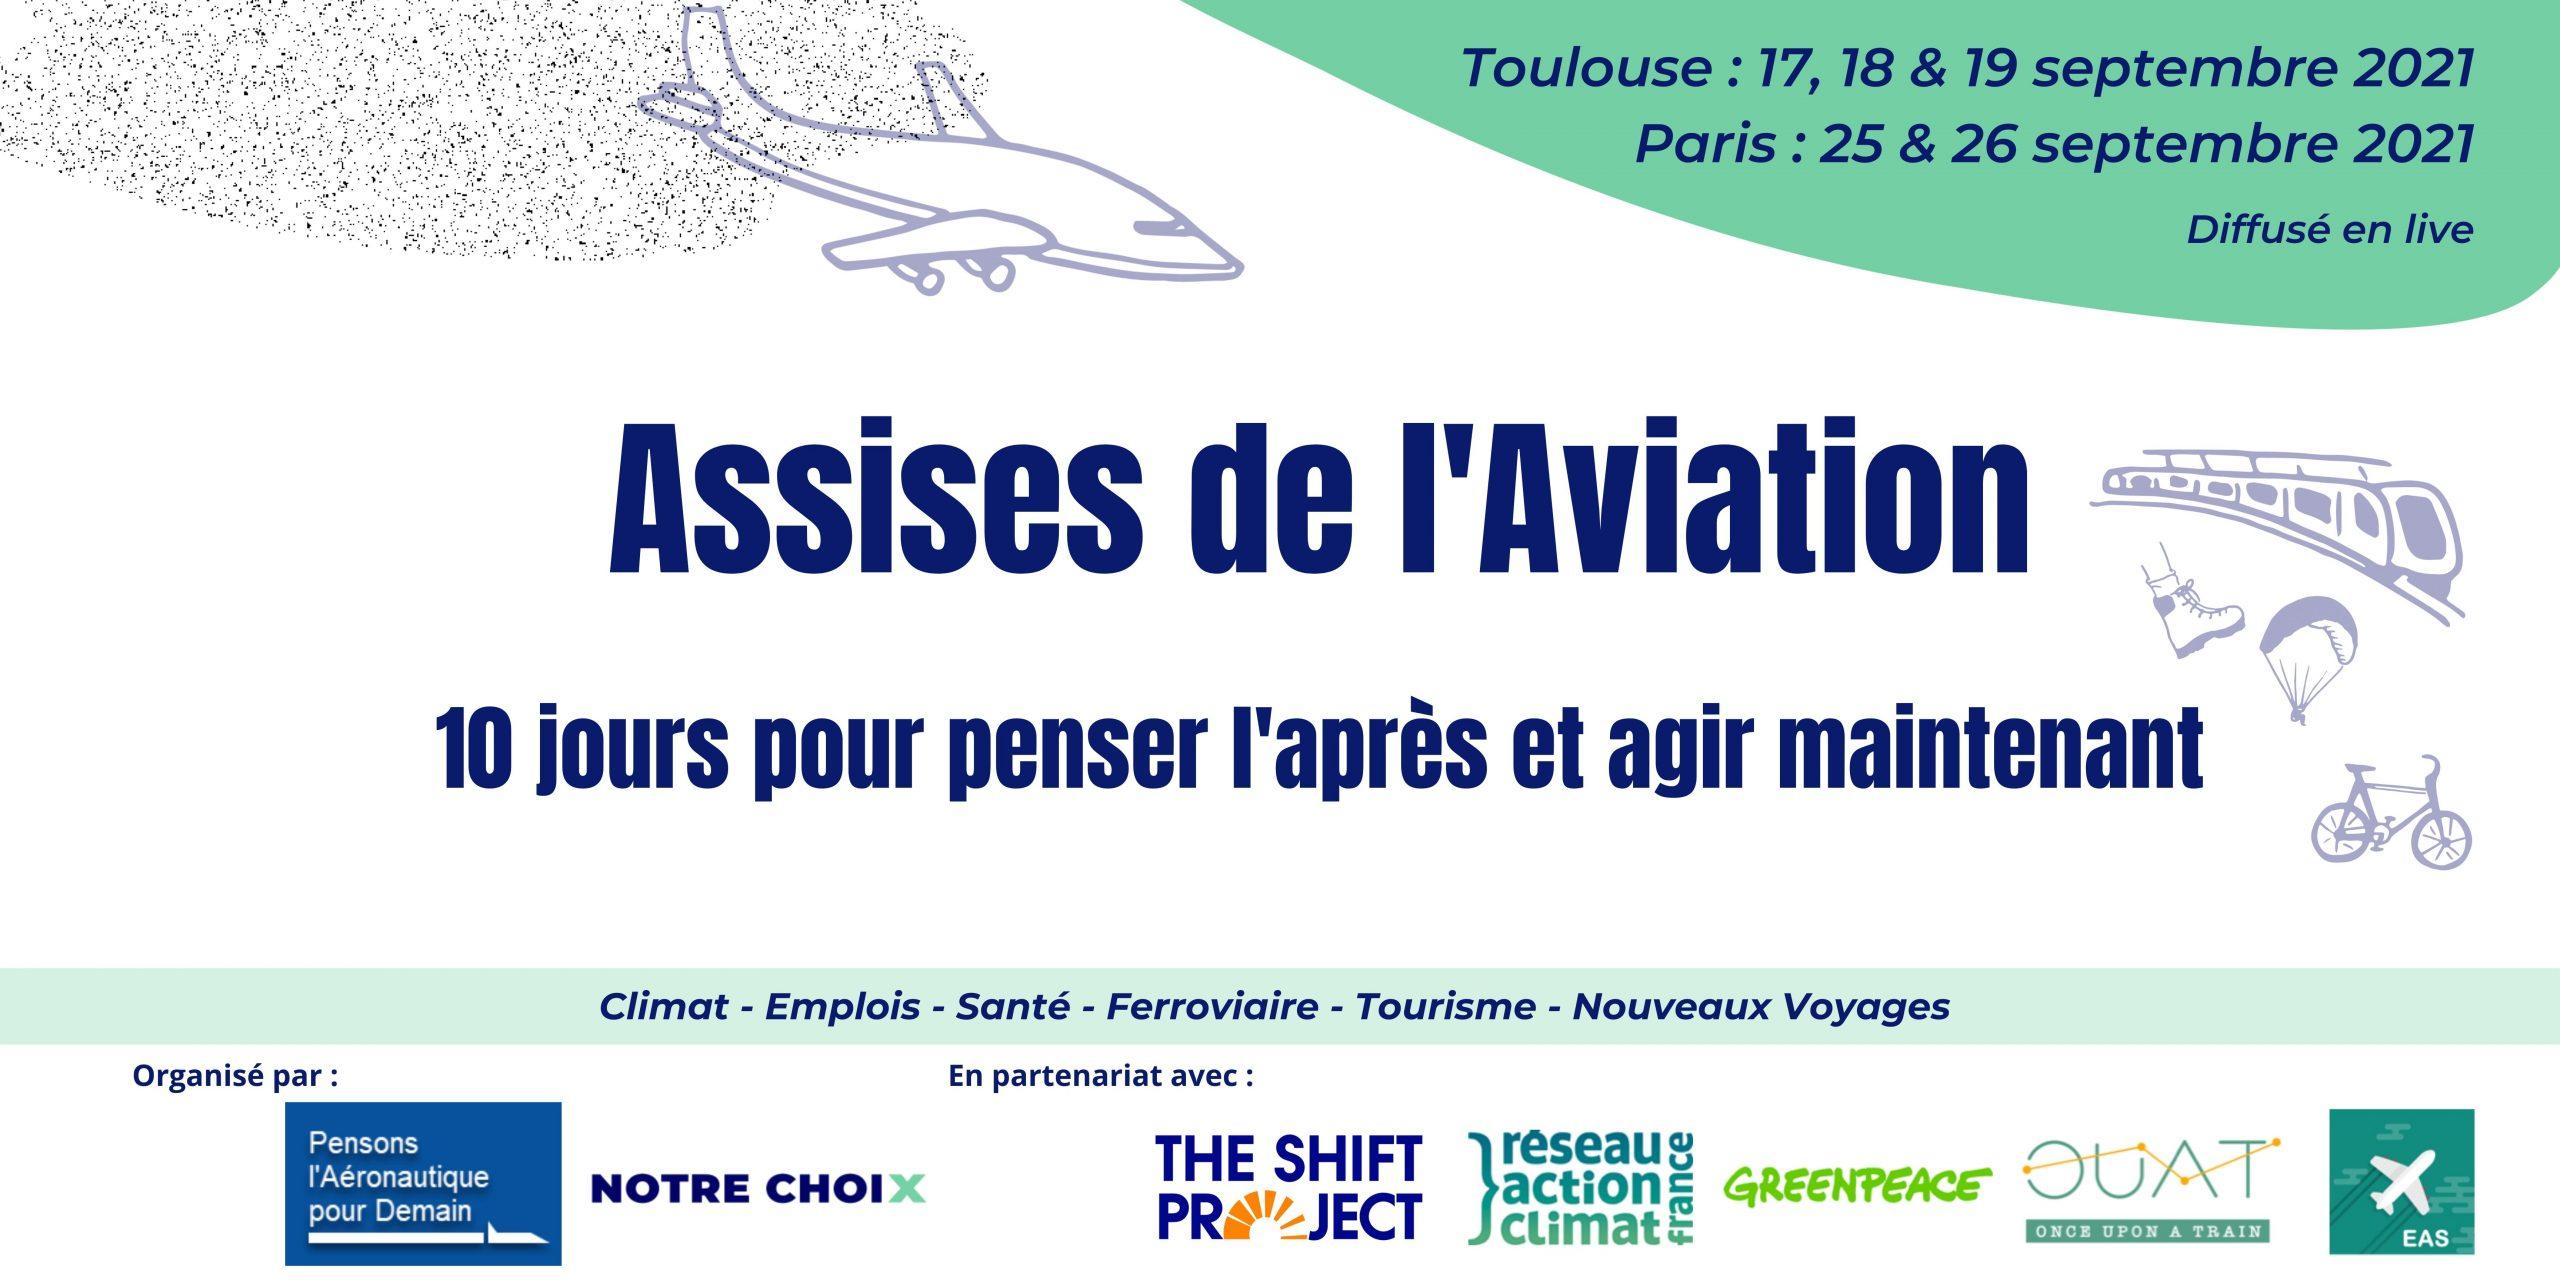 Assises de l'Aviation et des Nouveaux Voyages